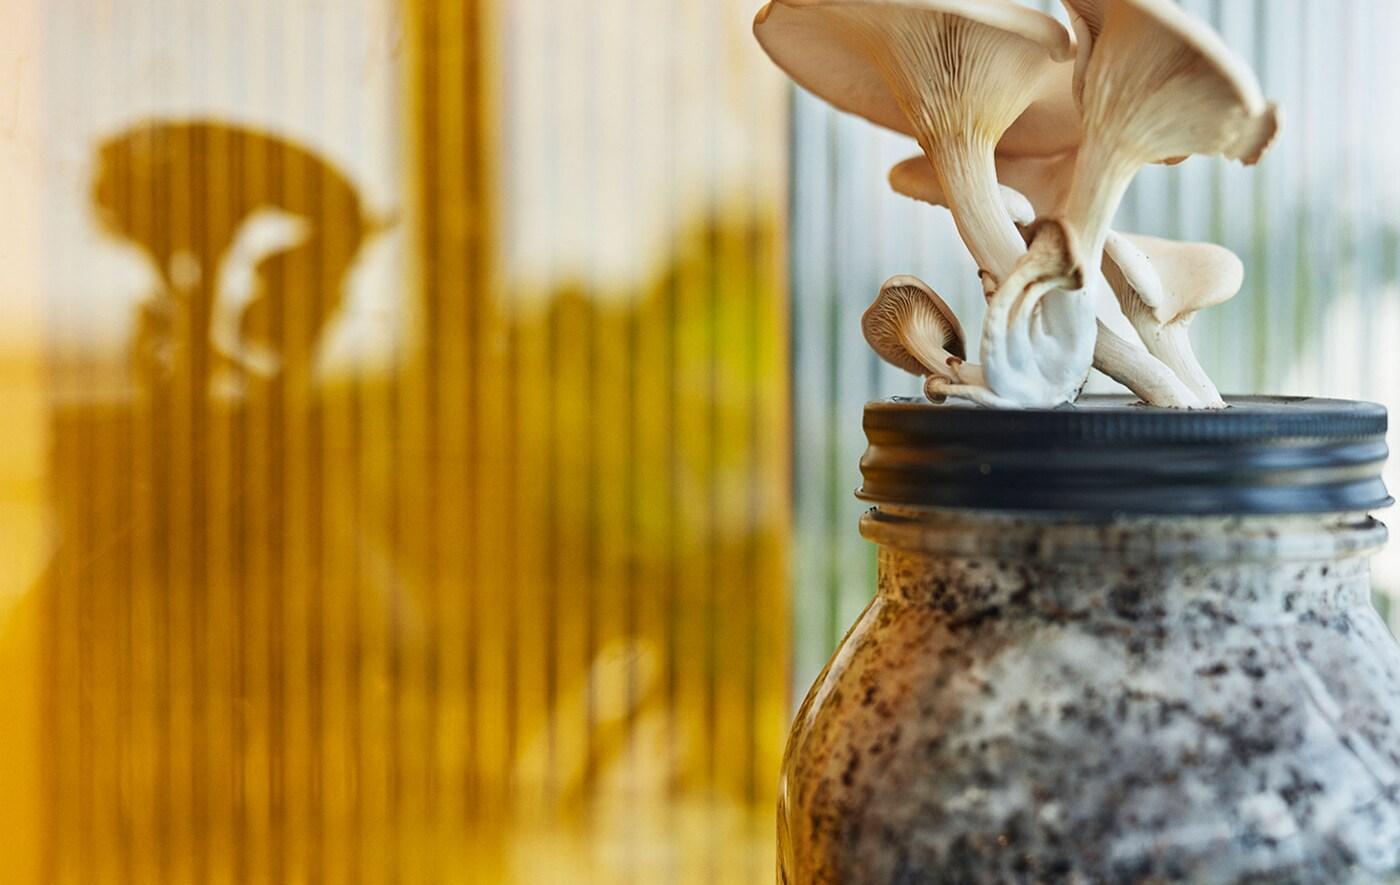 Fedőn át növő gombák egy micéliummal és kávéőrleménnyel teli üvegedényből.